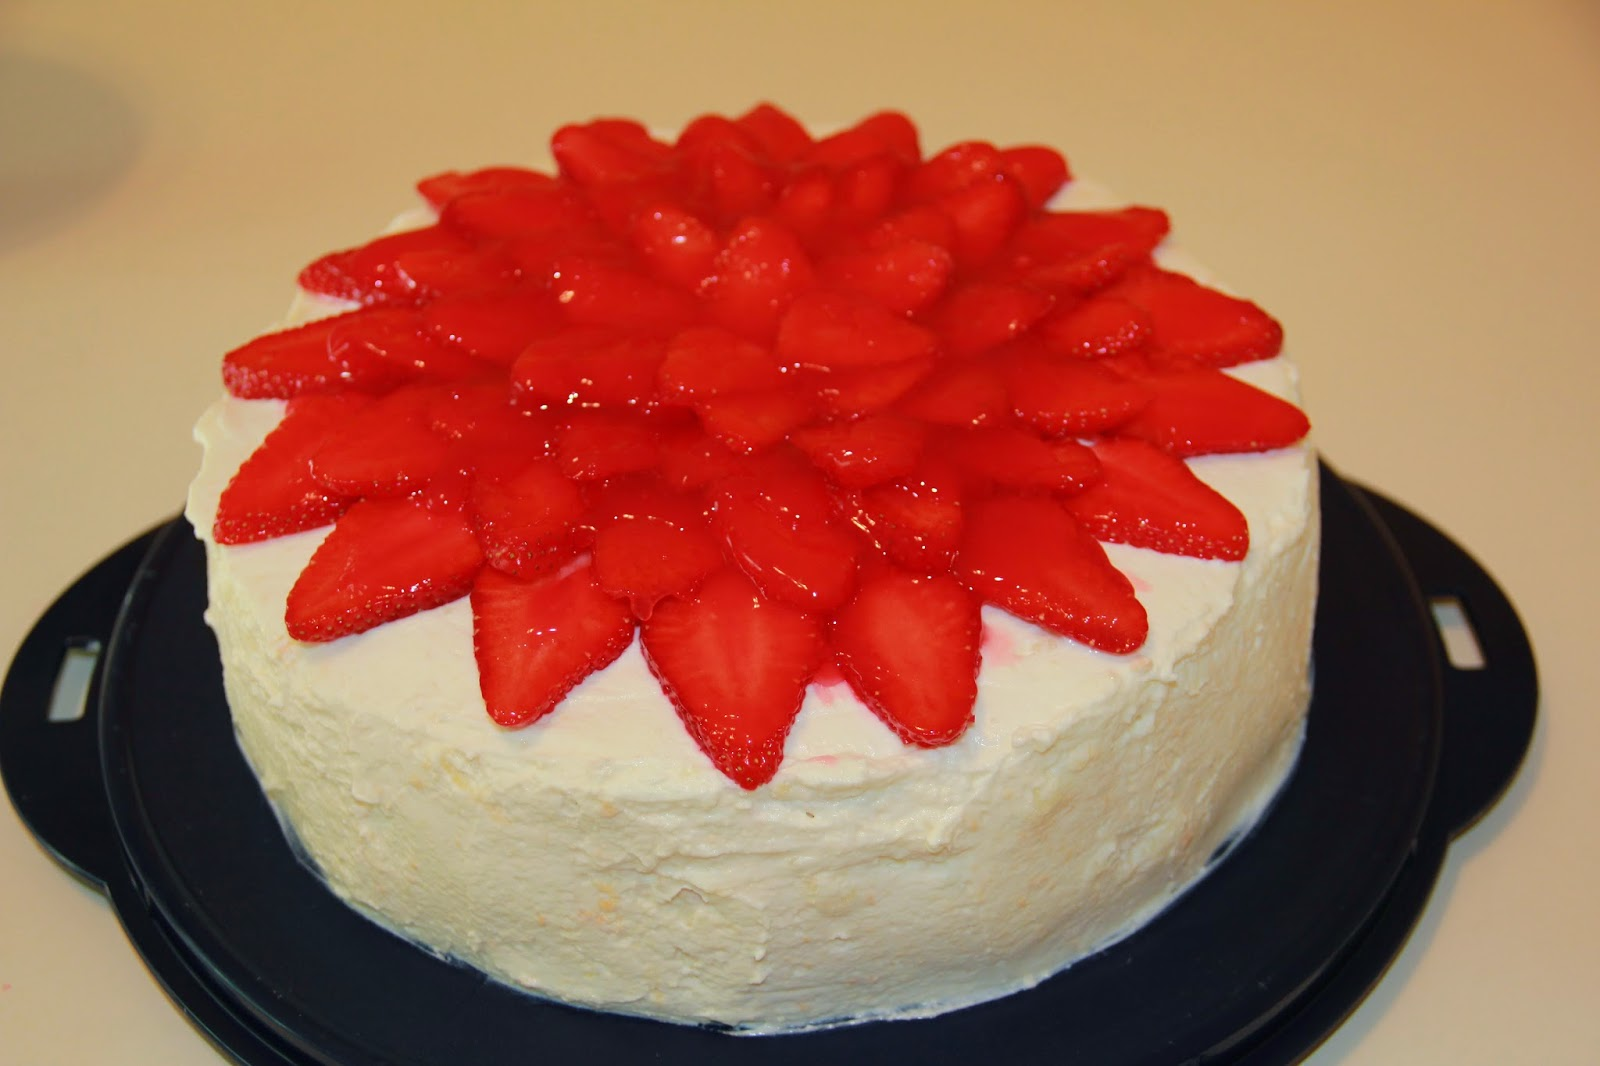 Рецепт торта с клубникой в домашних условиях пошагово